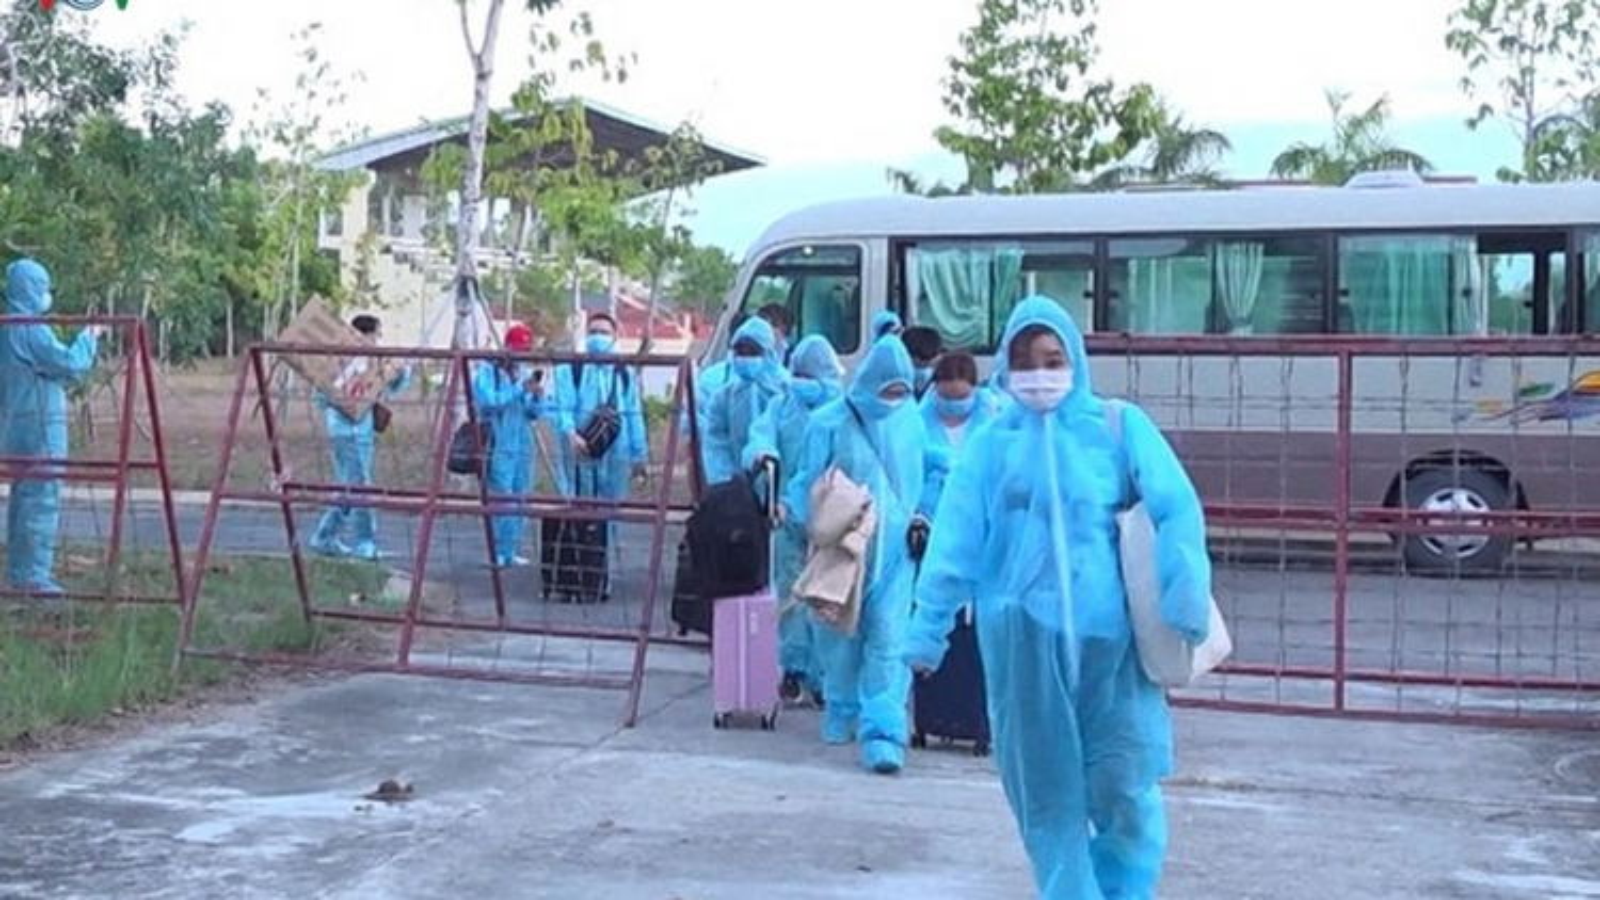 Bộ Quốc phòng hỗ trợ TP Đà Nẵng xét nghiệm virus SASR-CoV-2